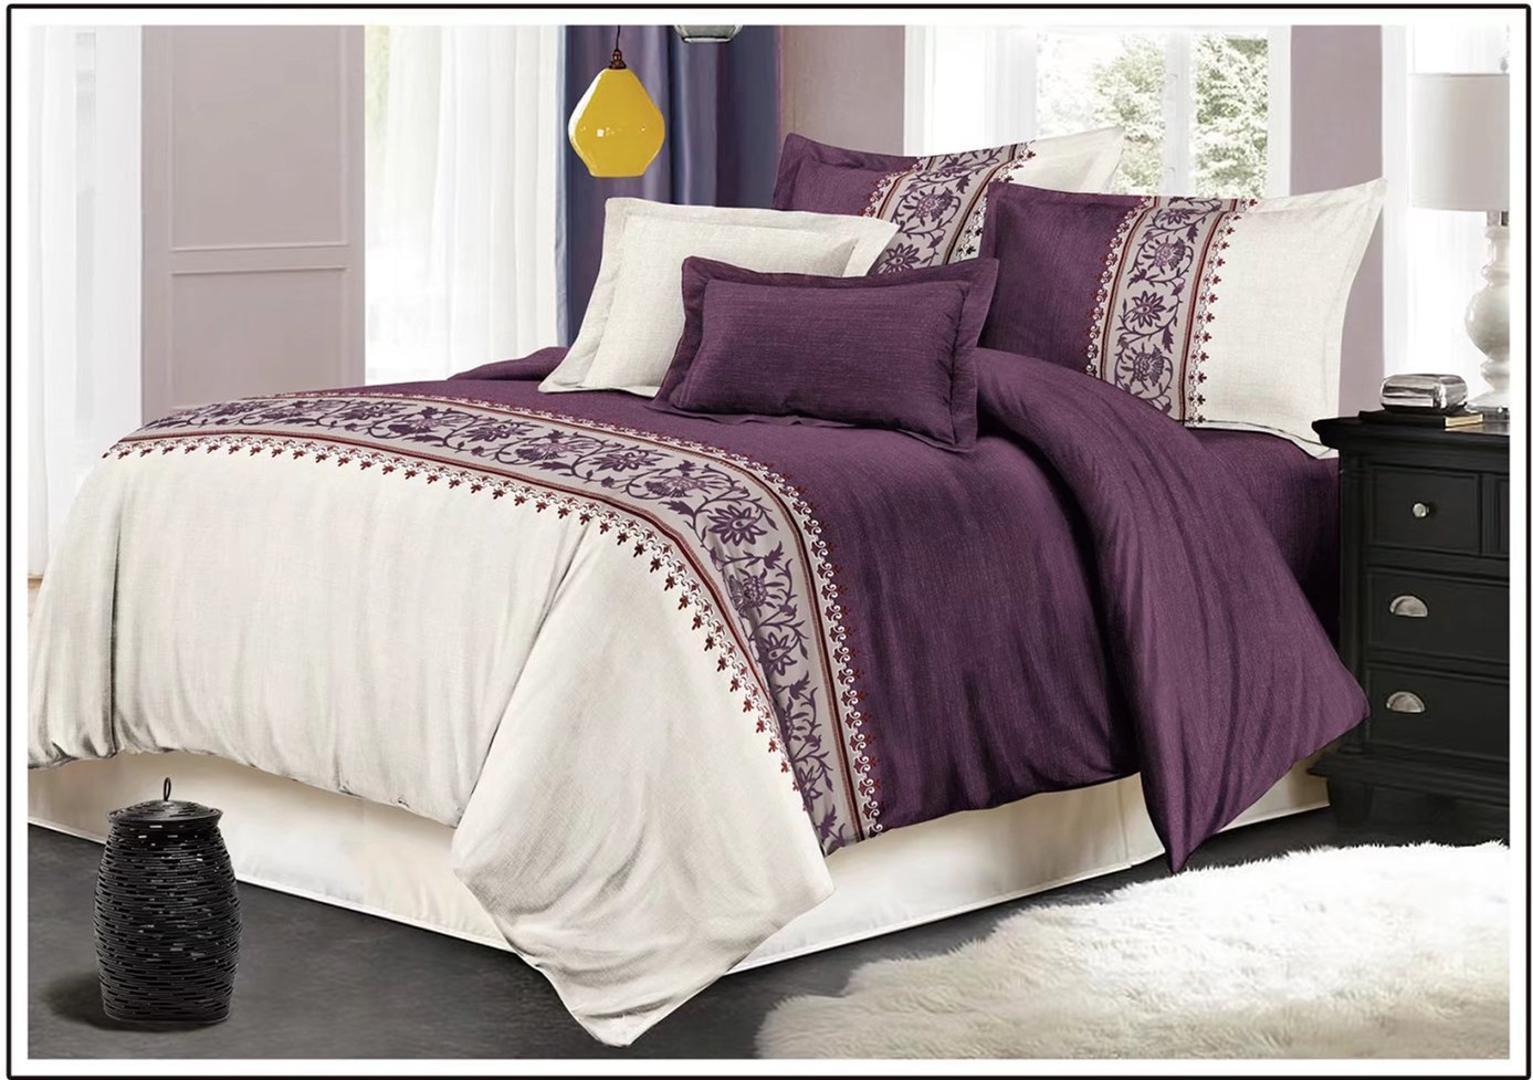 Großhandel Satin 3d Digital Bedruckte Bettwäsche Set Bettbezug